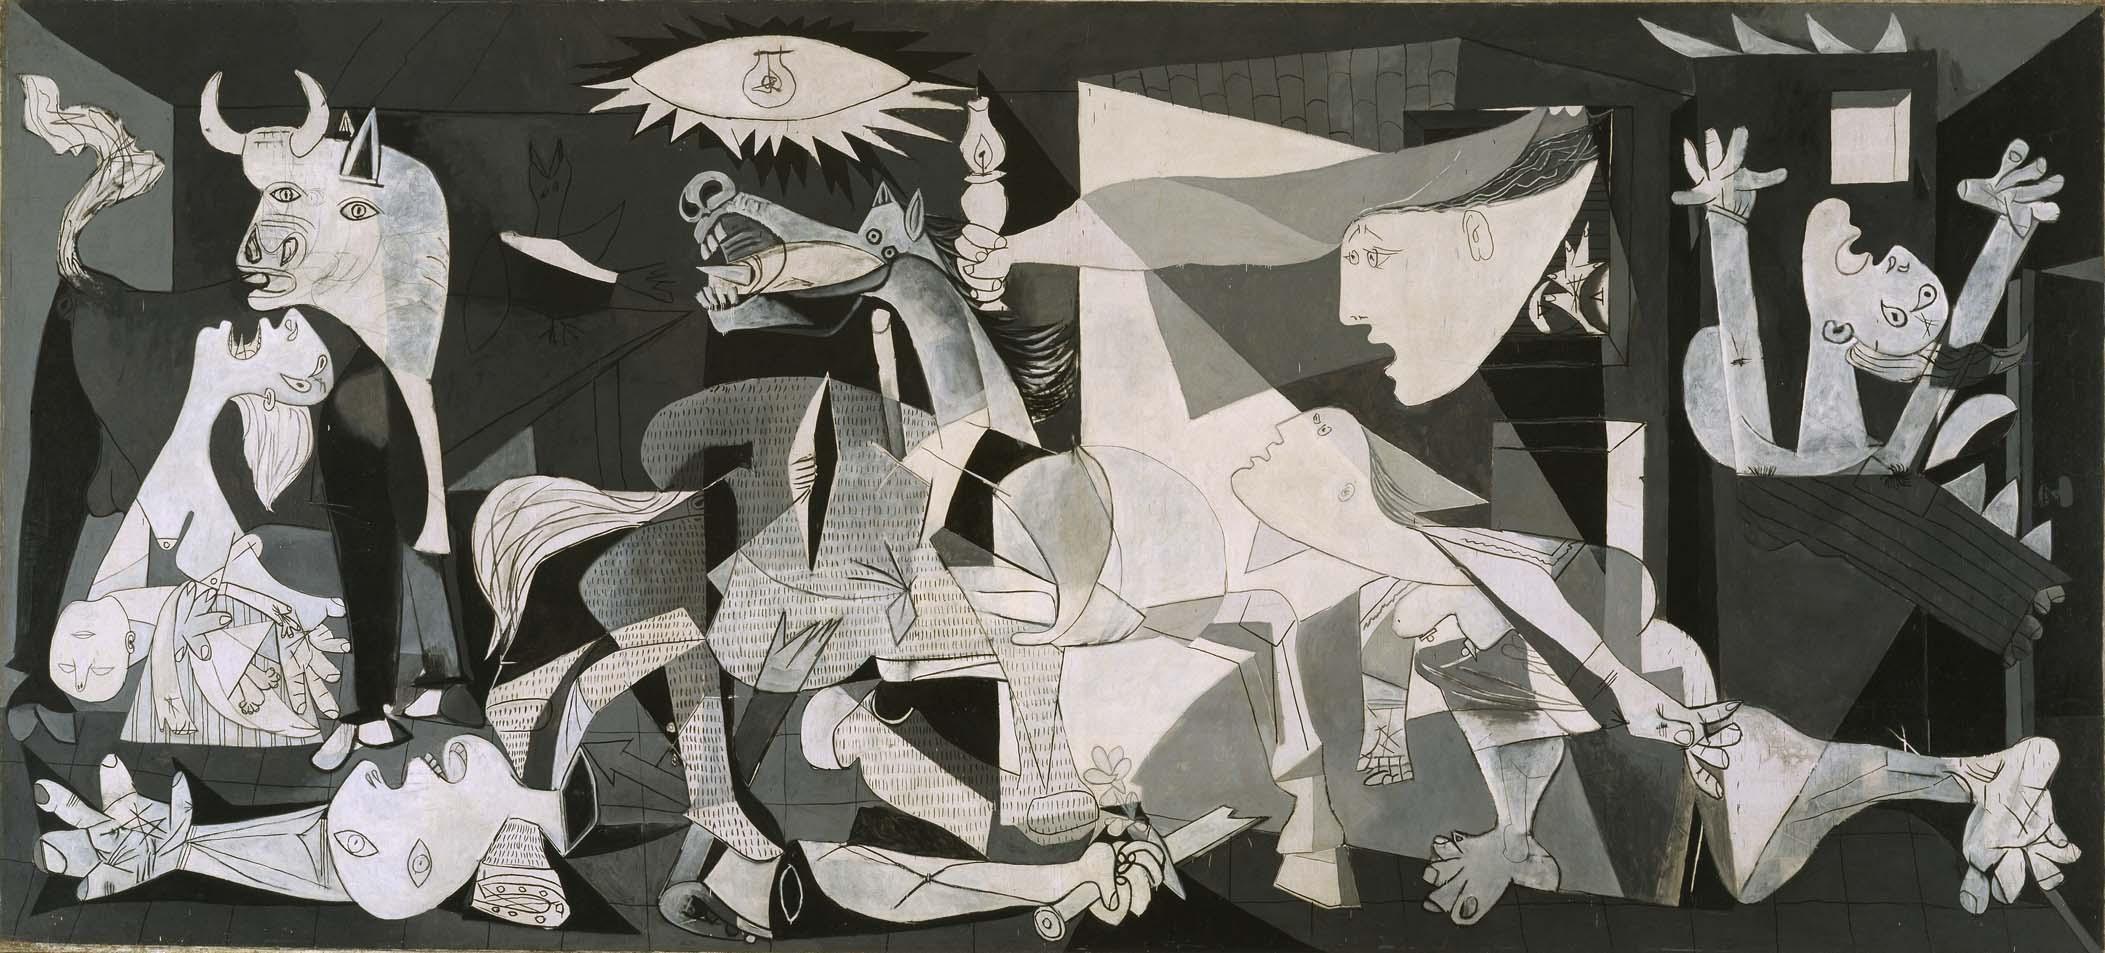 """""""Guernica"""", Pablo Picasso, 1937, Museo Nacional Centro de Arte Reina Sofía, Madryt źródło: https://www.museoreinasofia.es/coleccion/sala/sala-206"""